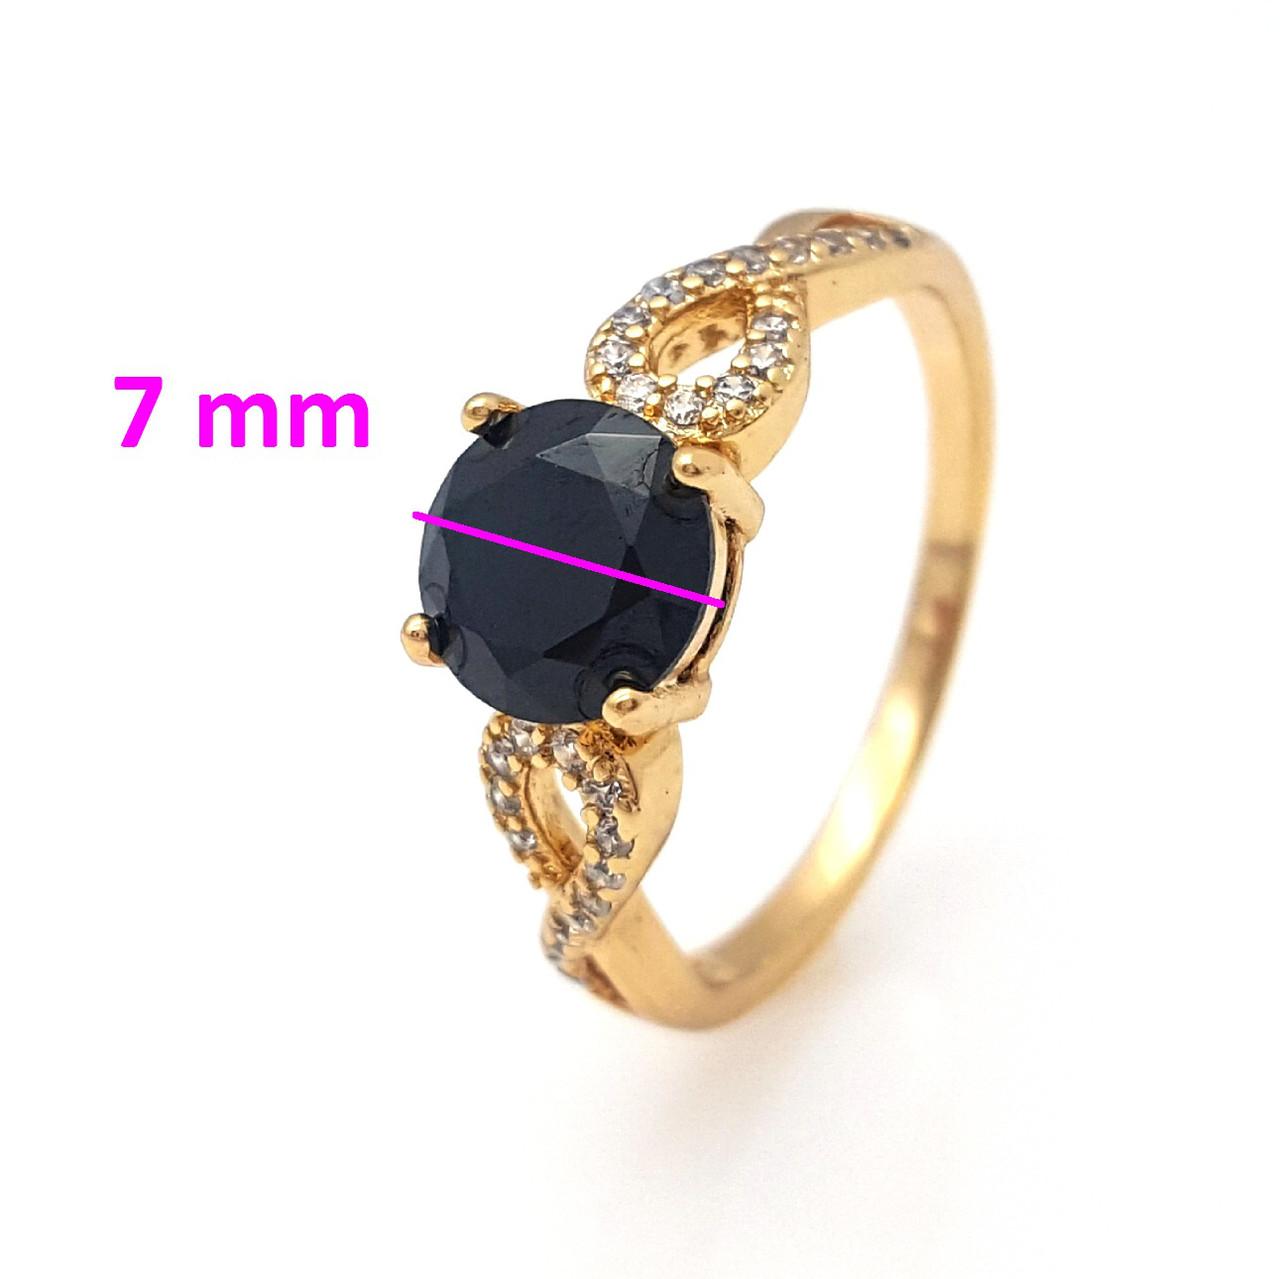 Кольцо позолоченное, с черным цирконием, р.17, р.18, р.18,5